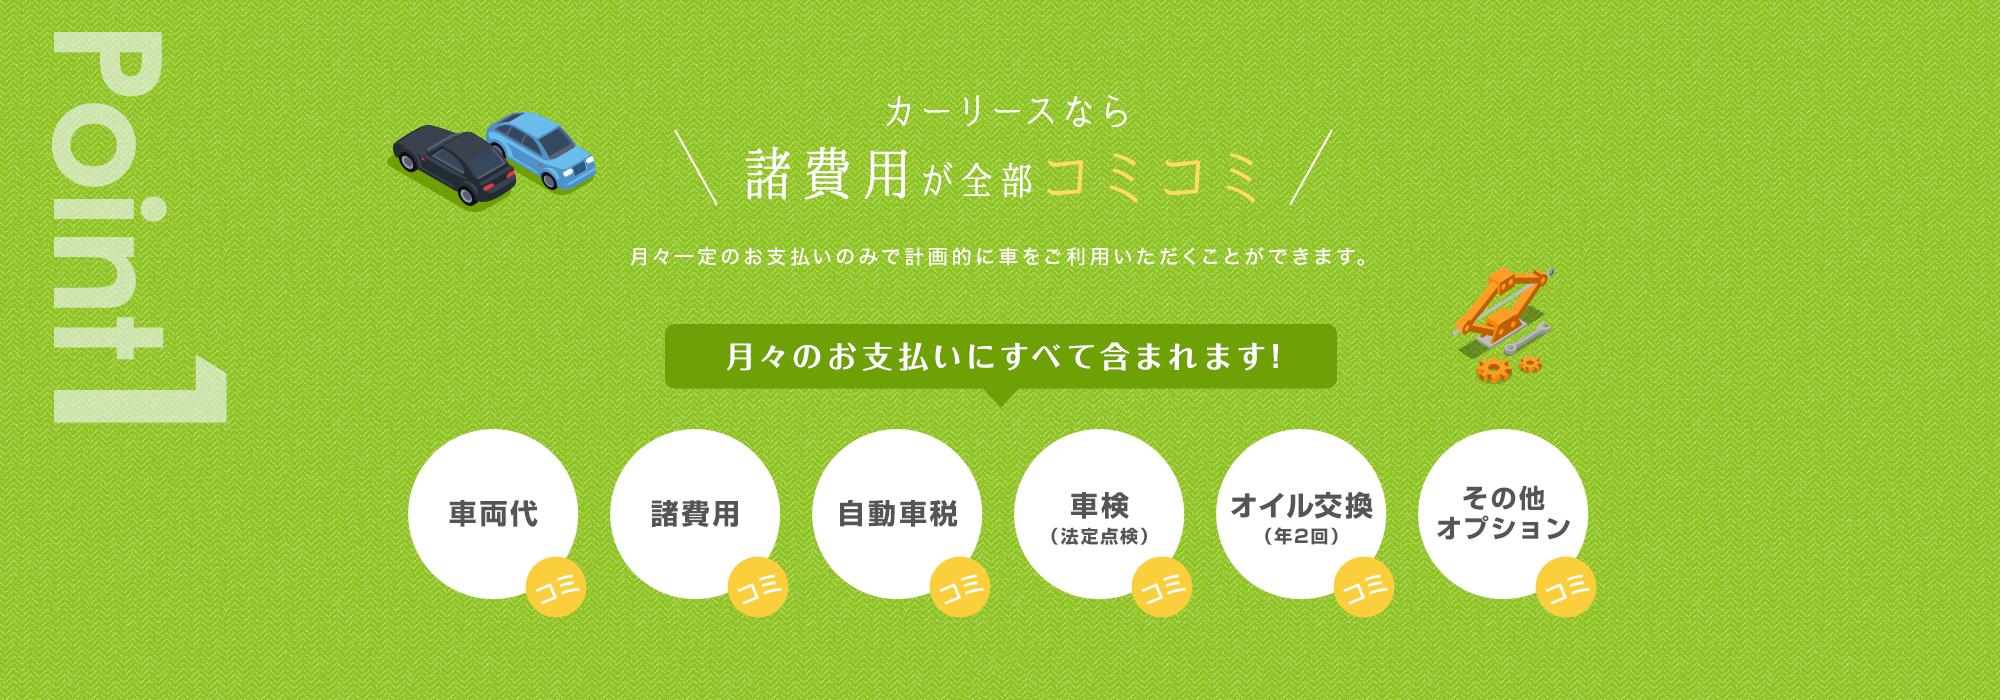 db_lease_01